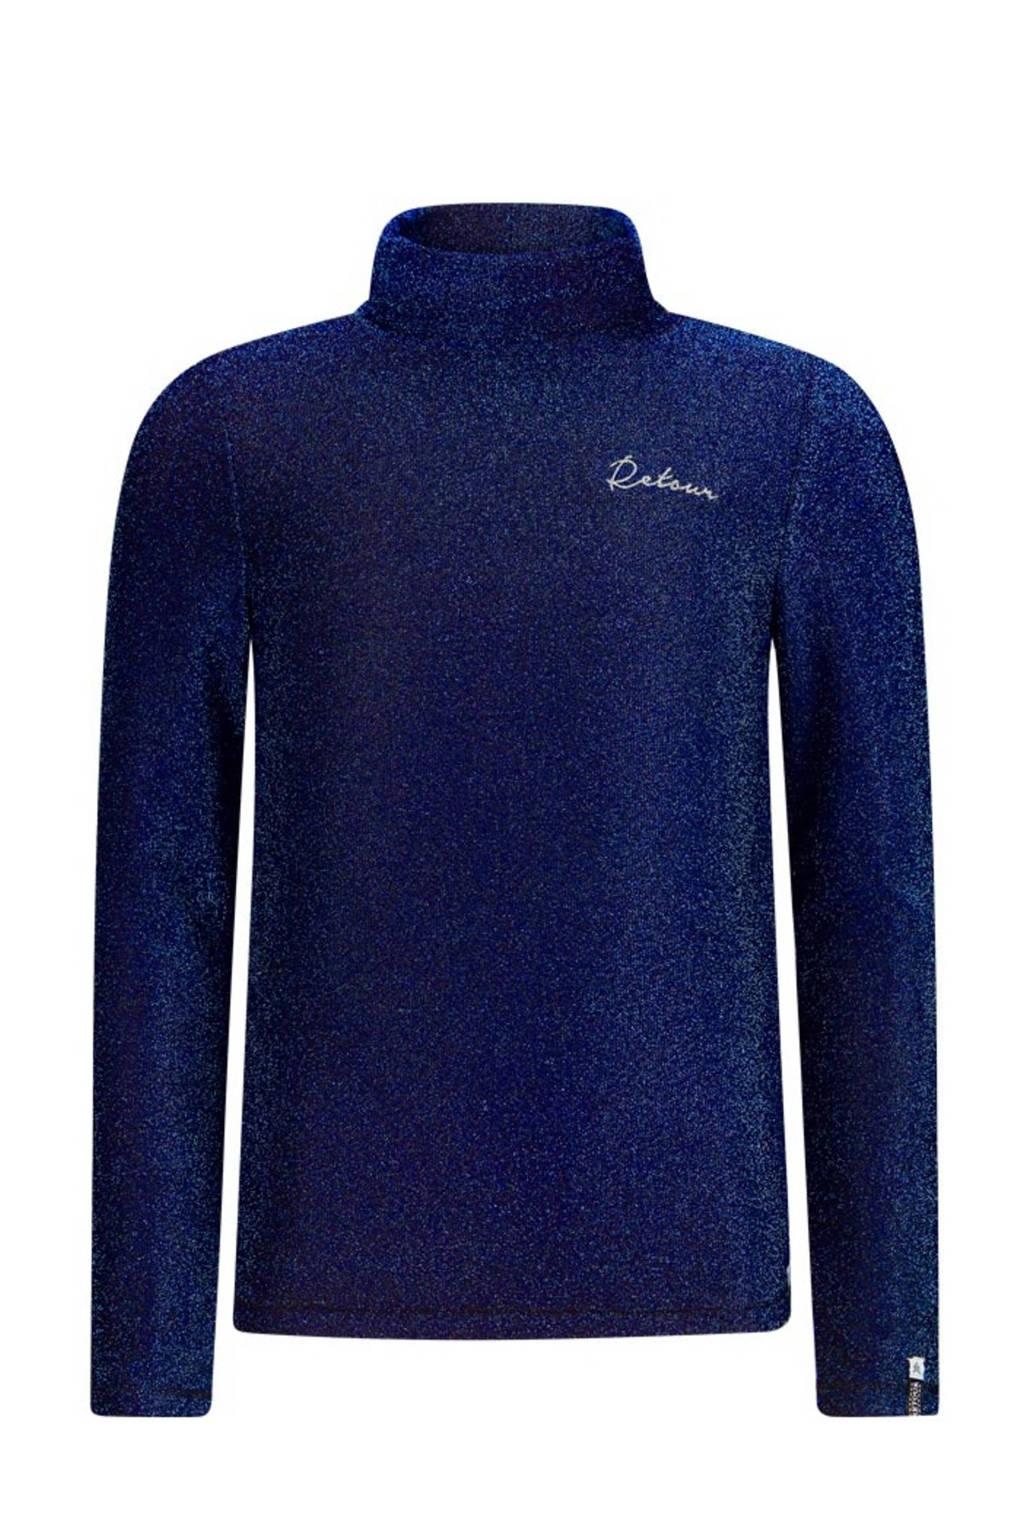 Retour Denim top Romina met glitters donkerblauw, Donkerblauw